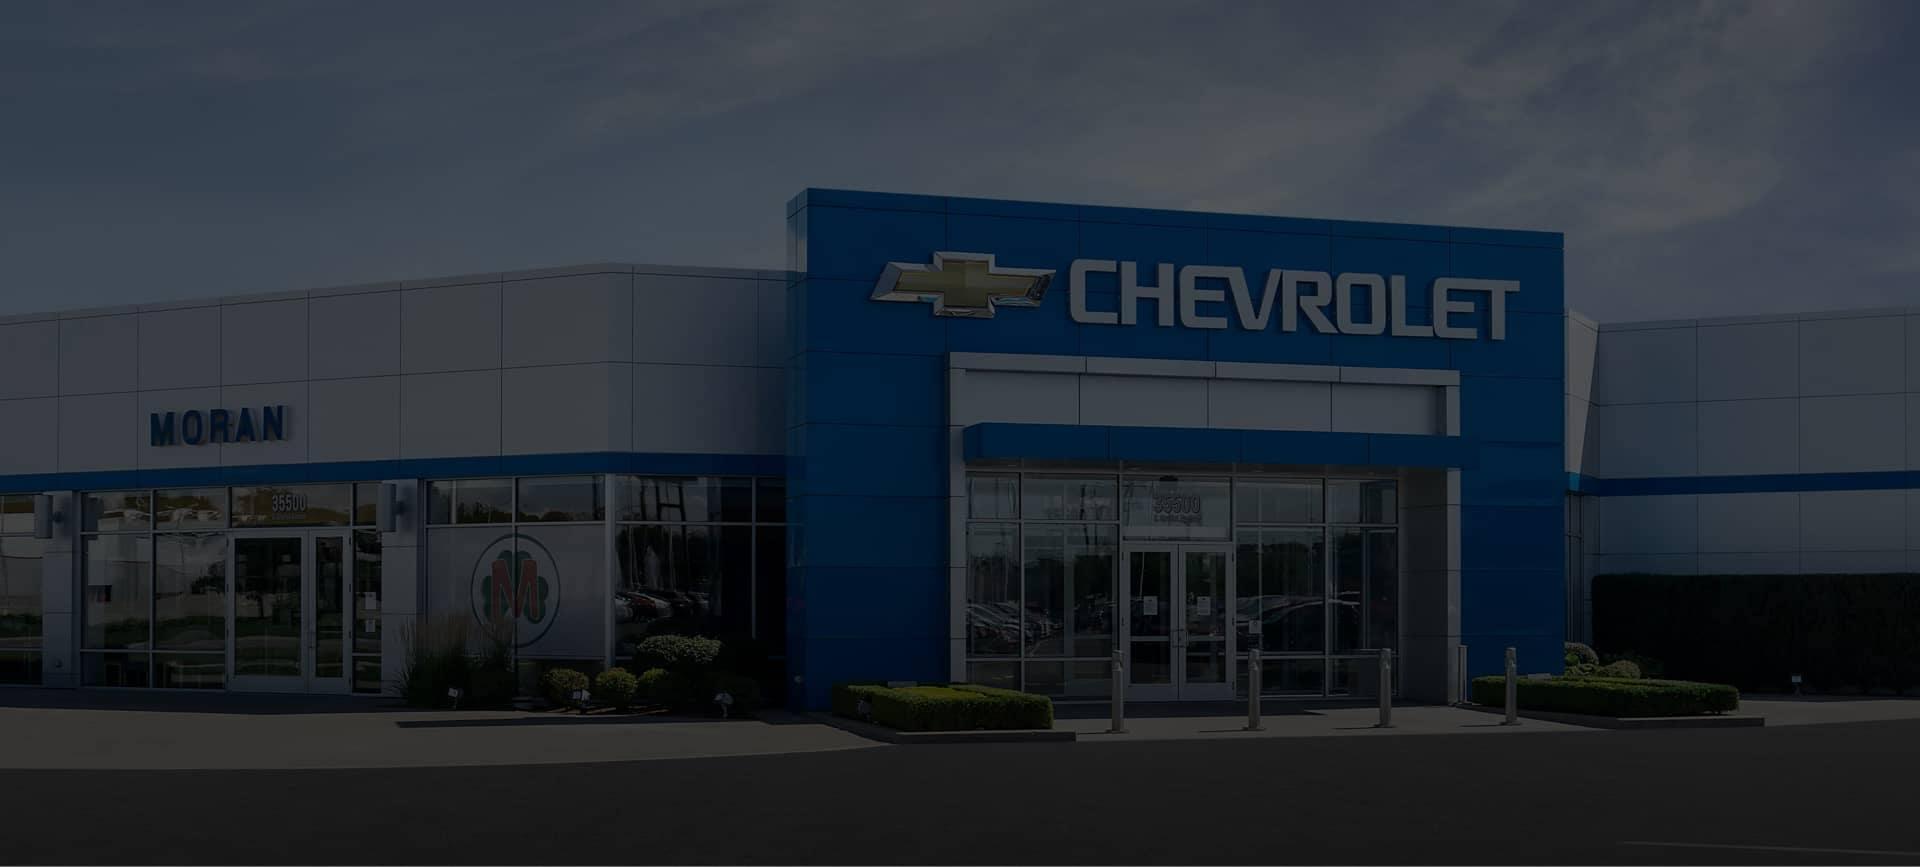 Moran Chevrolet Dealership Front